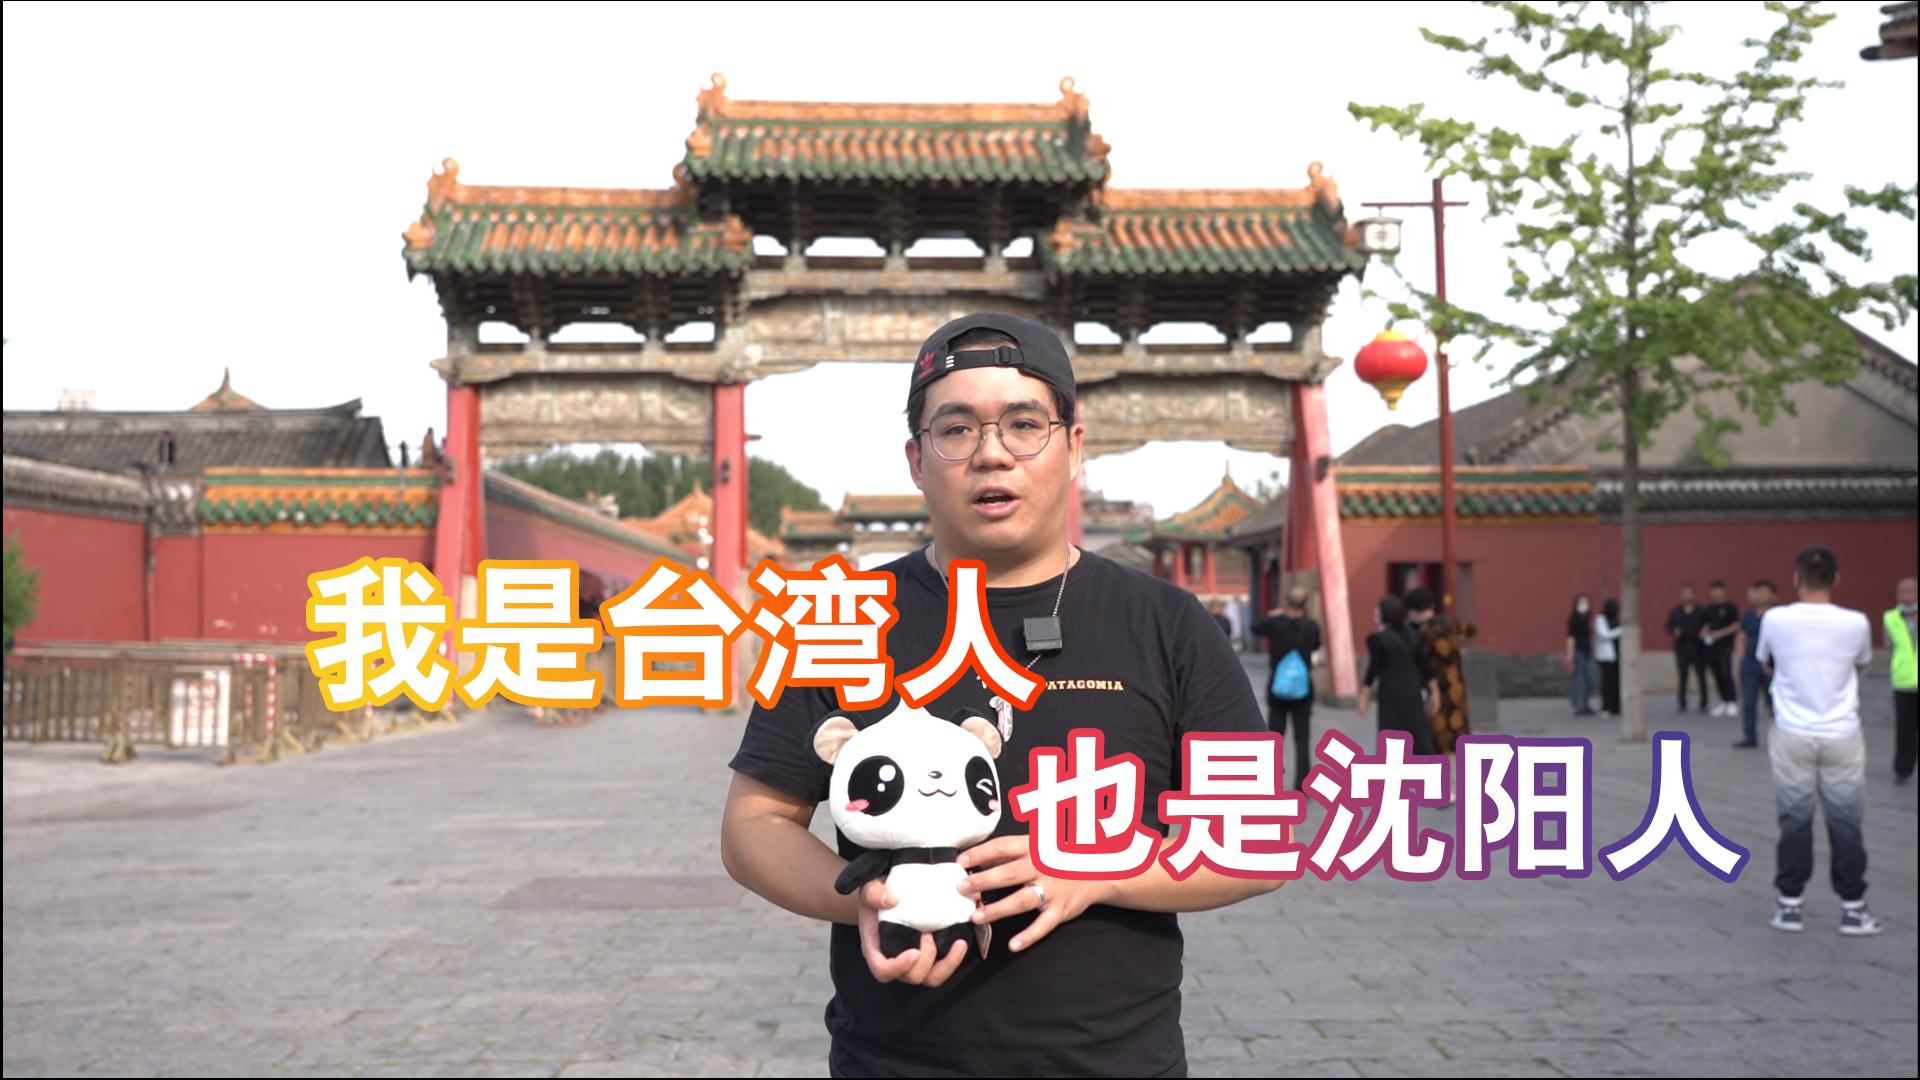 我是臺灣人,也是瀋陽人圖片